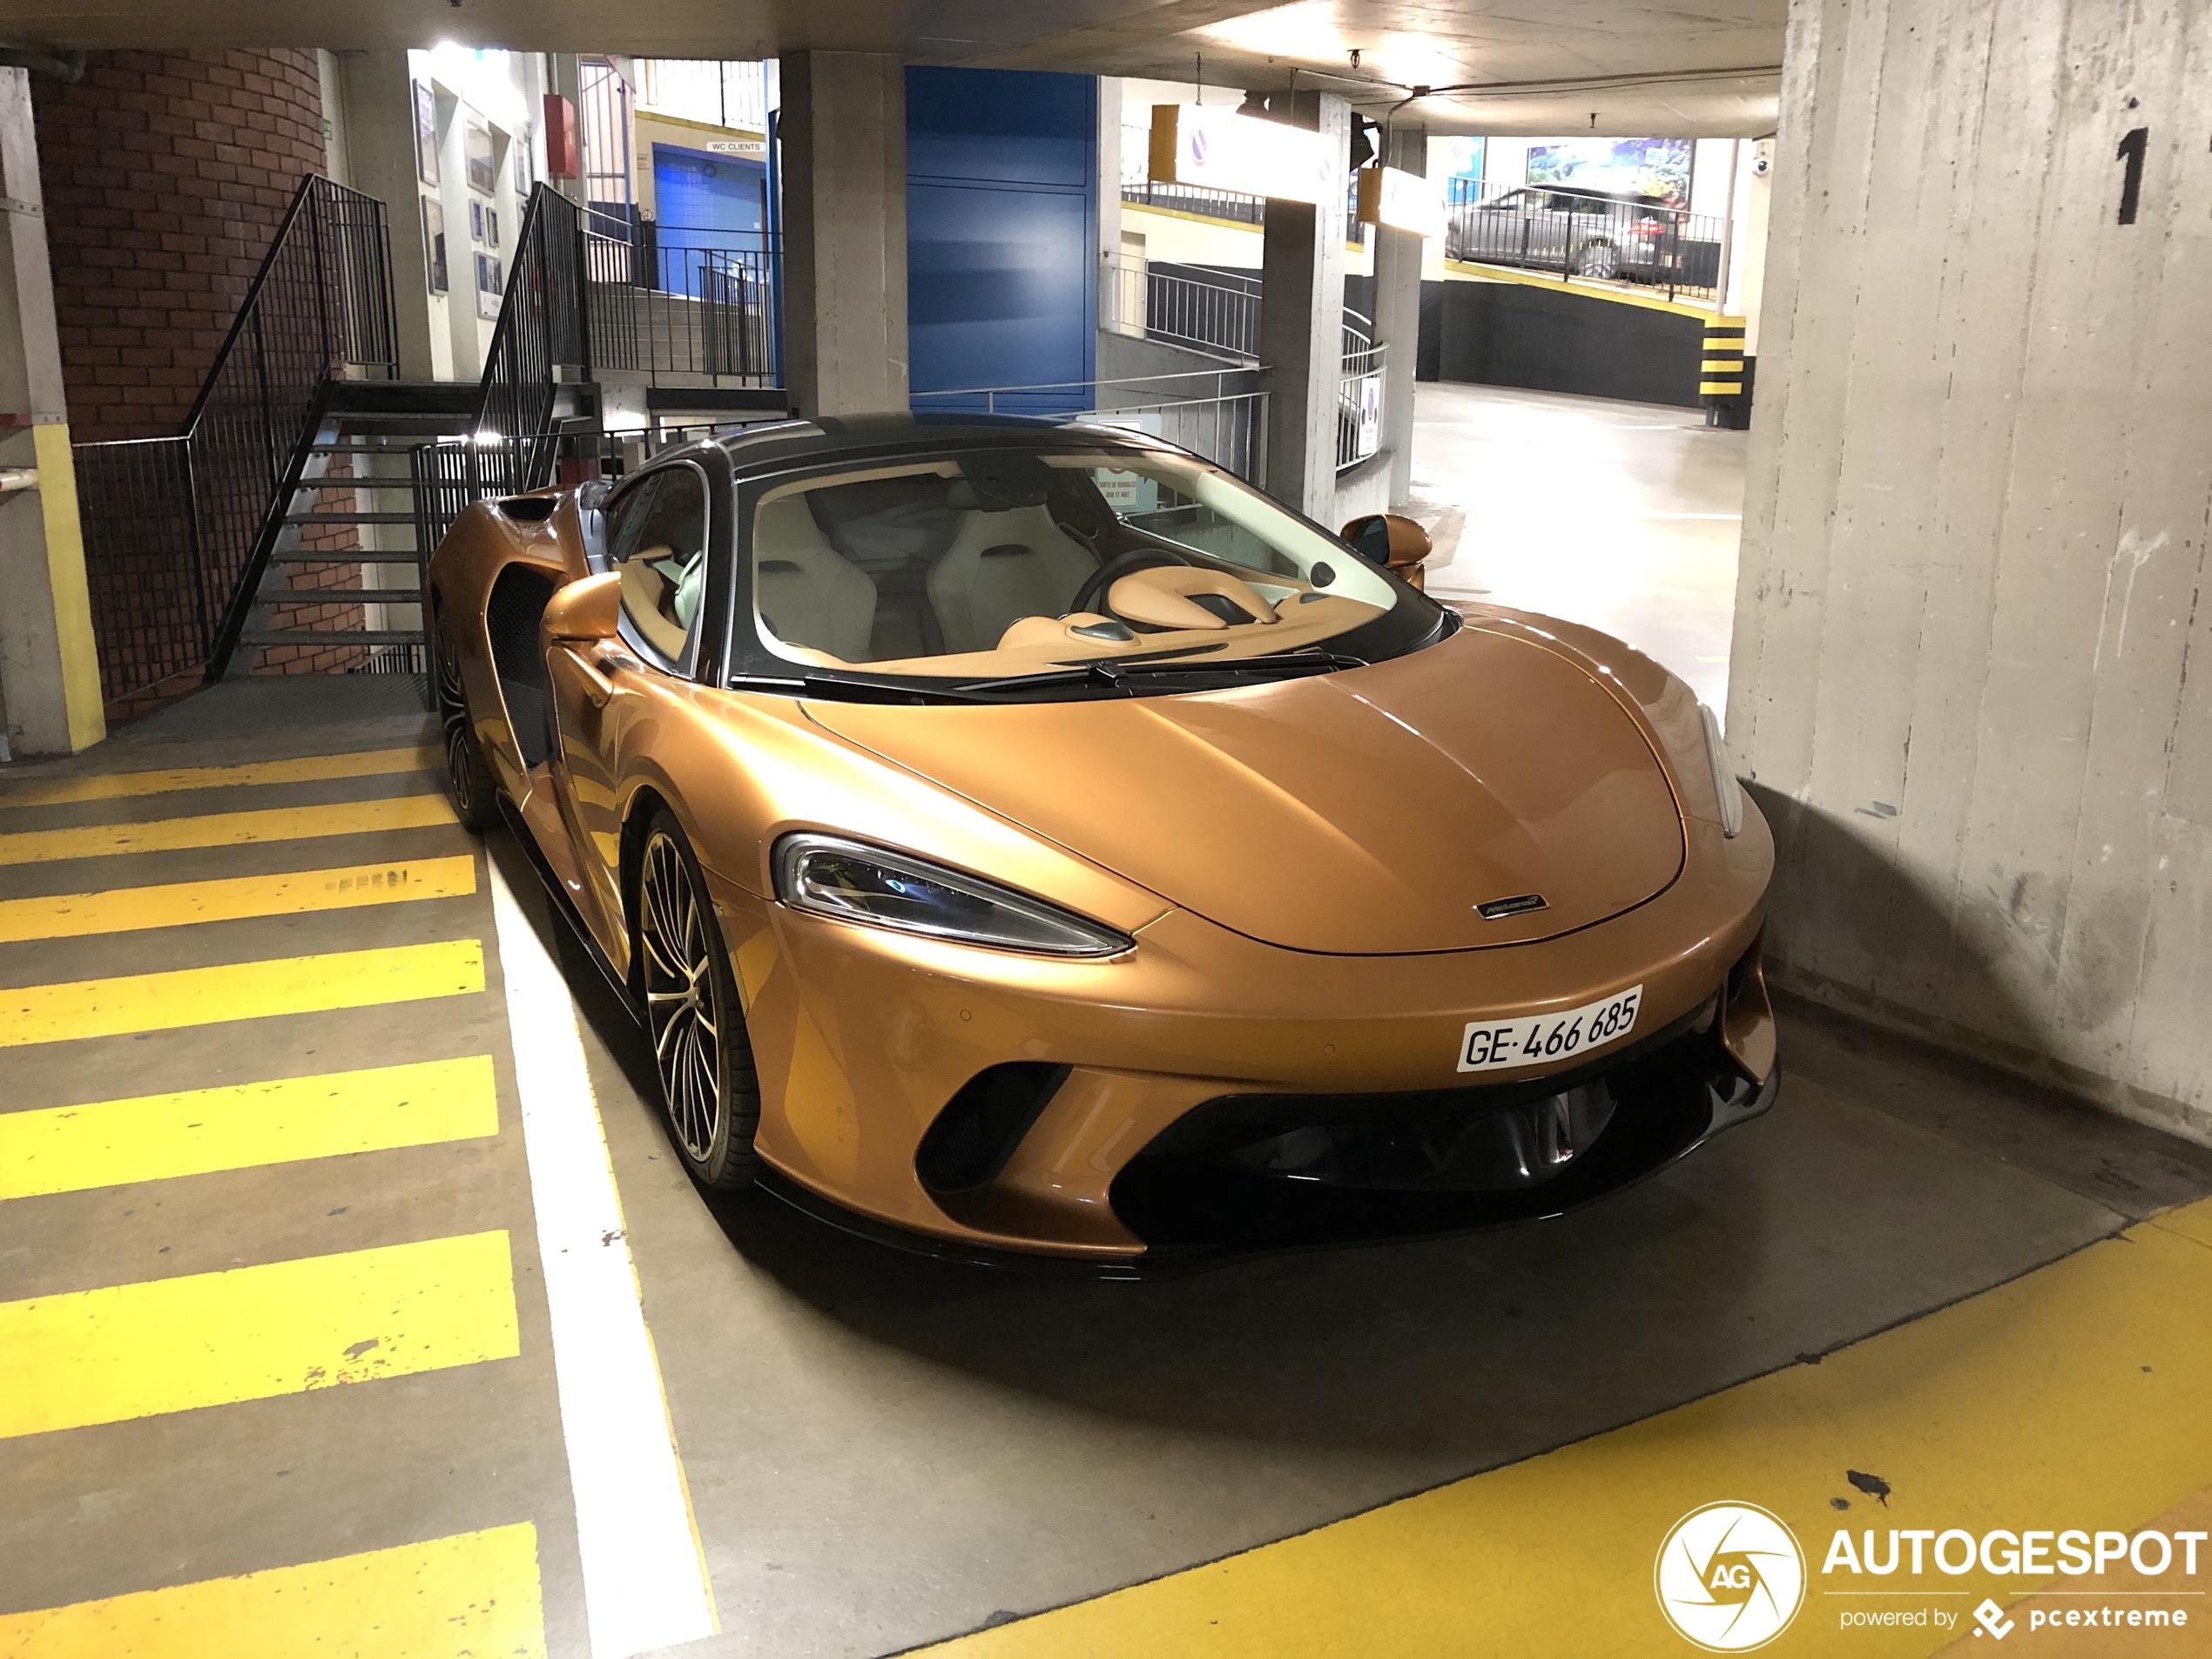 McLaren GT should not be stored away.